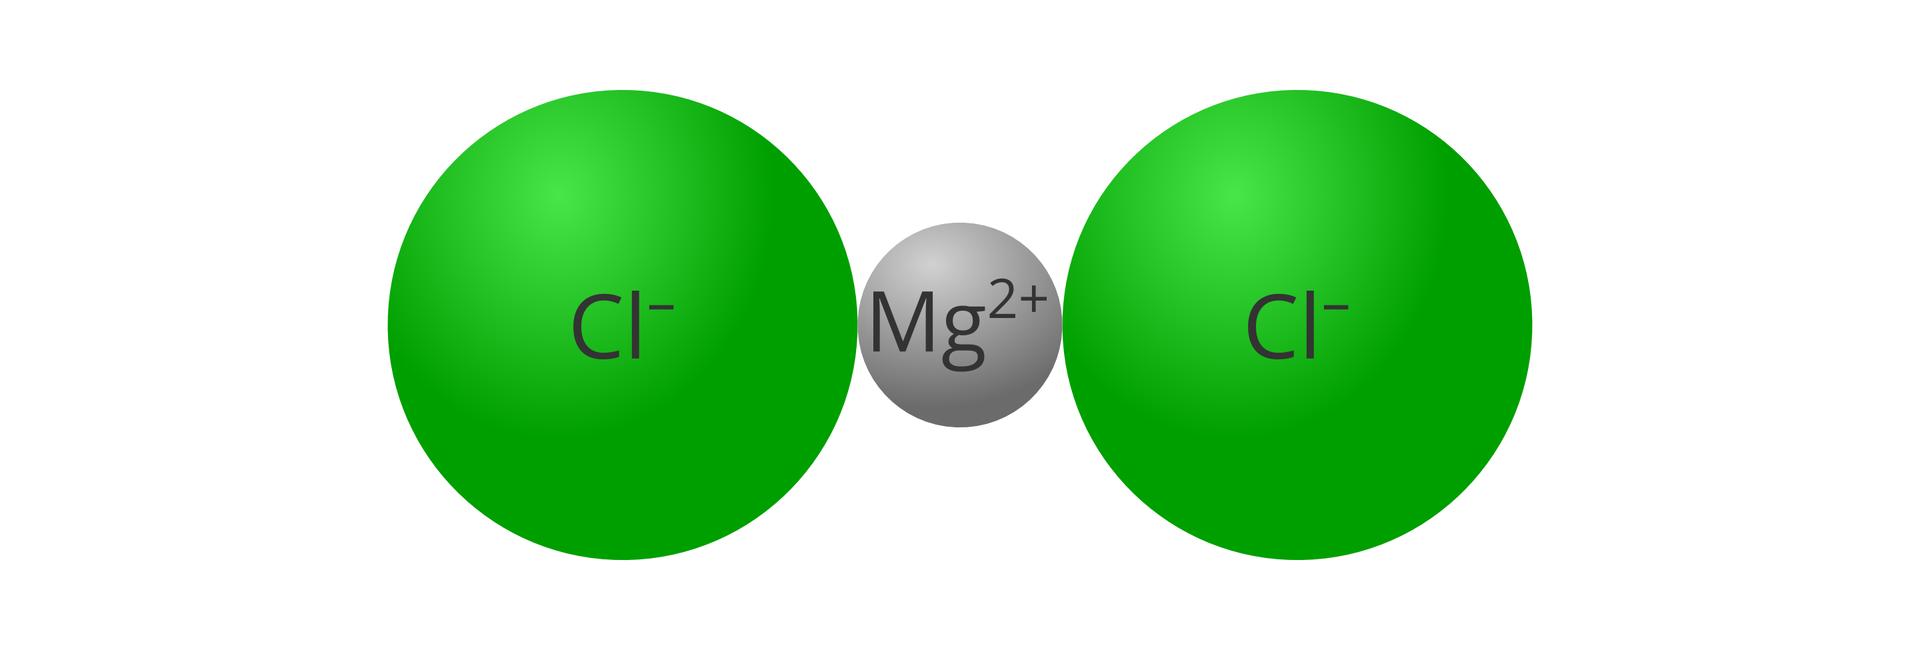 Ilustracja przedstawia schematyczny rysunek budowy cząsteczki chlorku magnezu. Pomiędzy dwoma większymi kulami ozielonej barwie symbolizującymi aniony chlorkowe Cl- znajduje się mniejsza, szara kulka symbolizująca kation magnezu Mg2+.